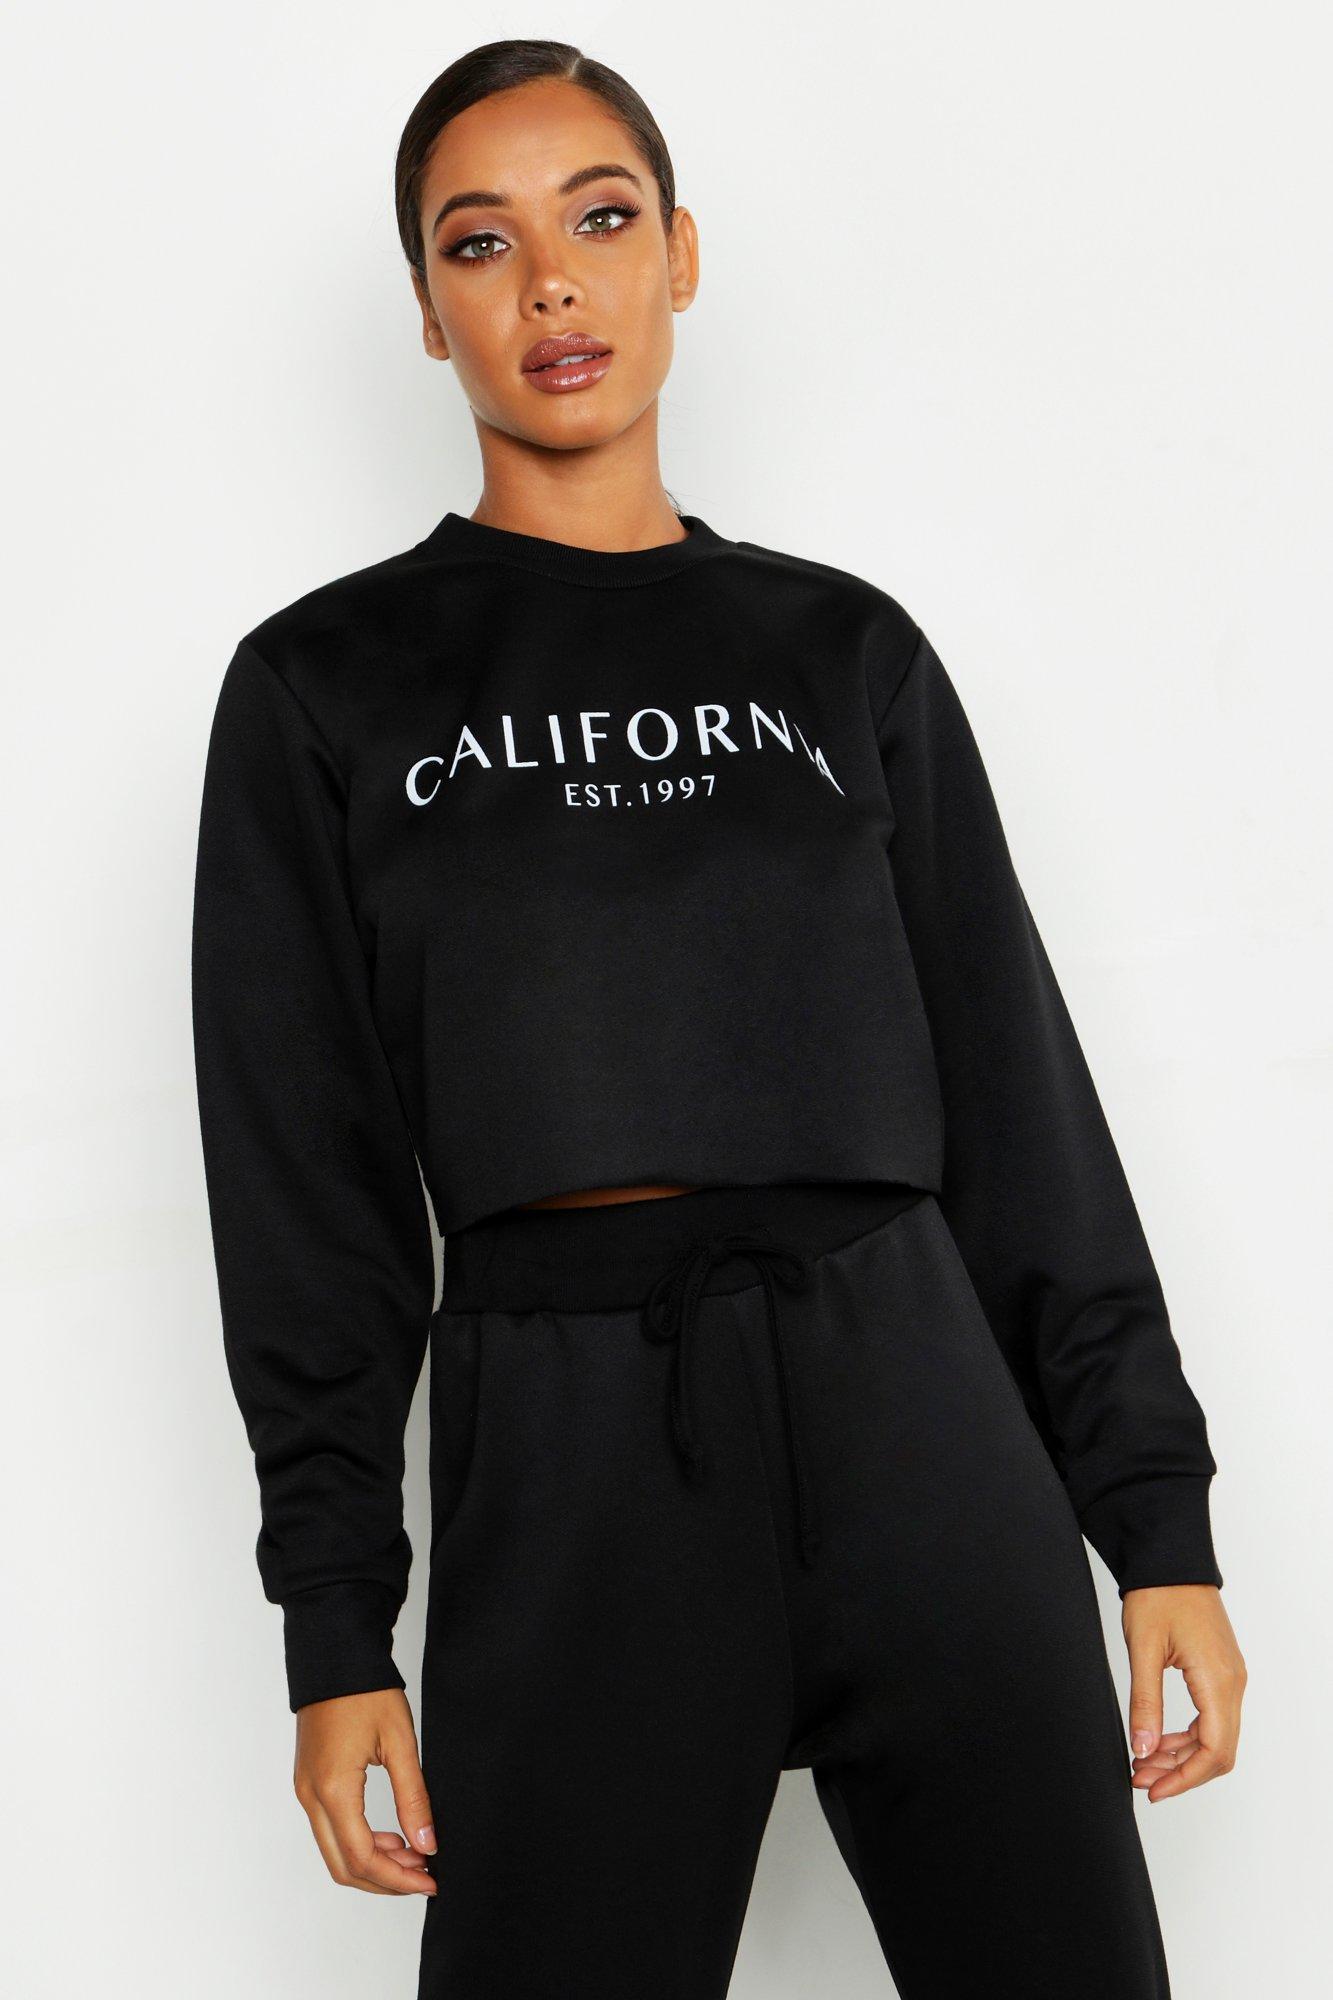 Womens Kurzes Sweatshirt mit Rundhalsausschnitt und California Slogan - schwarz - 36, Schwarz - Boohoo.com